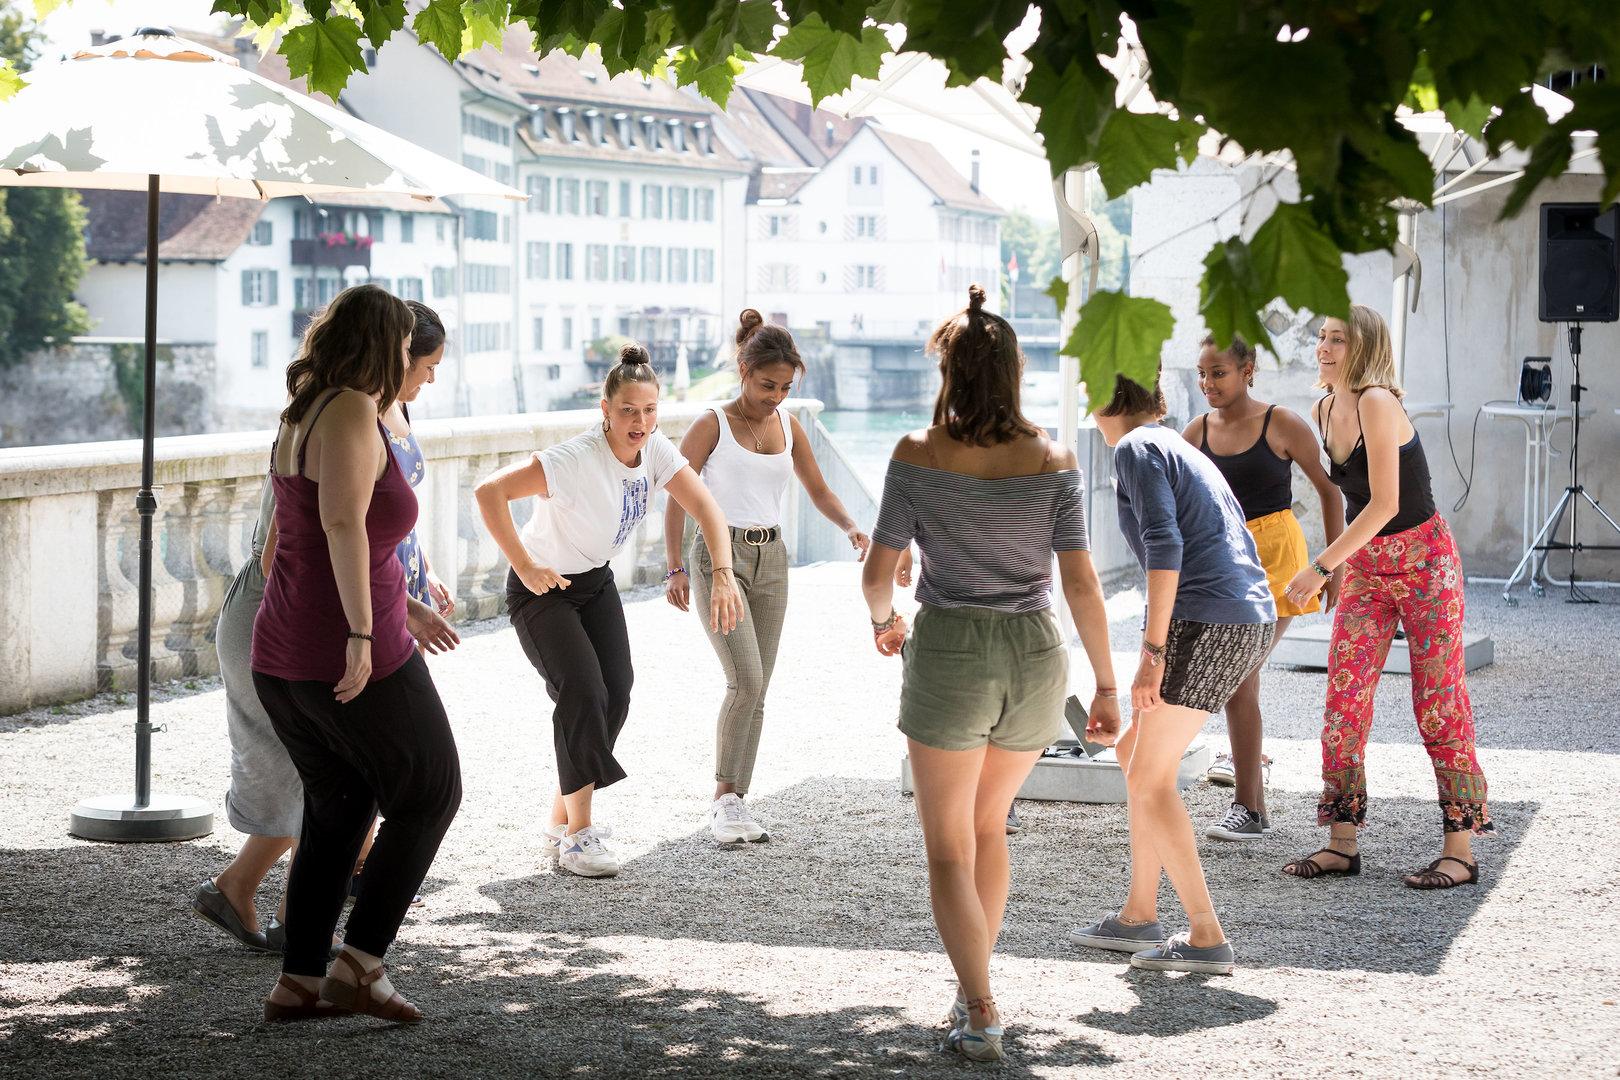 Lena Scheidegger, Projektleiterin von DanceQweenz (und des gleichnamigen Workshops), tanzt mit ihren Teilnehmerinnen.